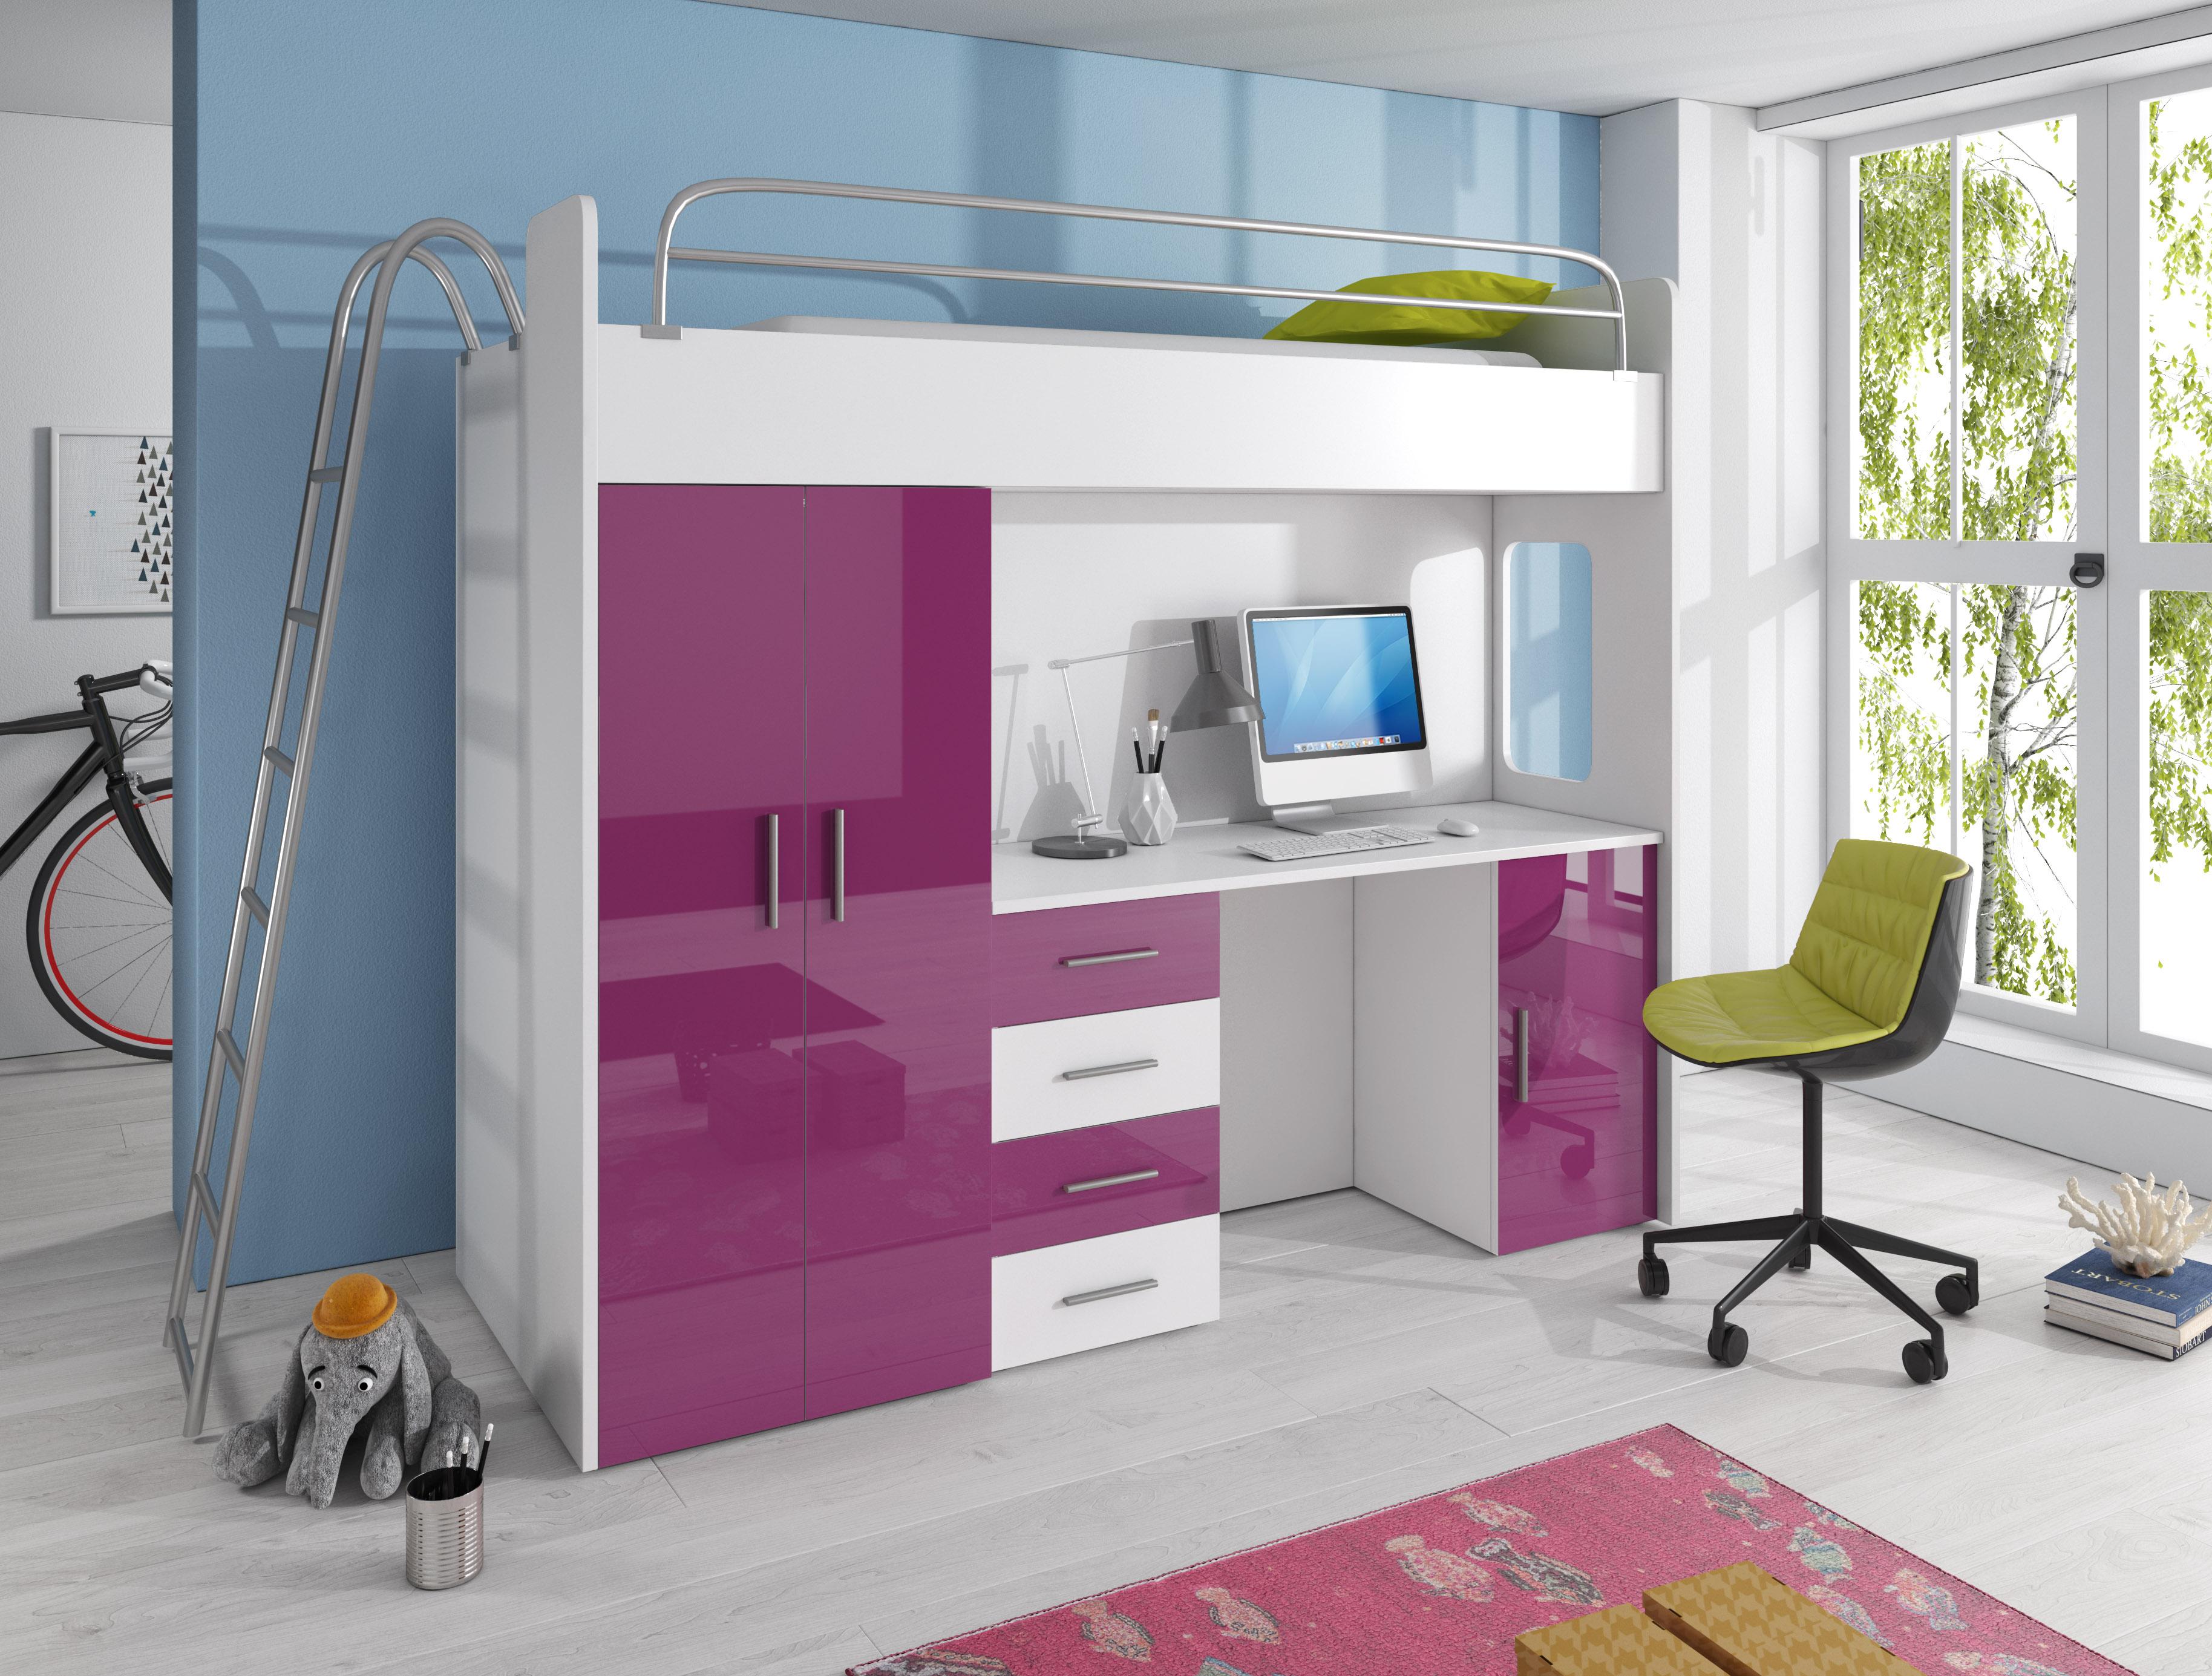 Dětská postel - Ruby IV D (Bílá + Fialová) (s matrací a roštem)